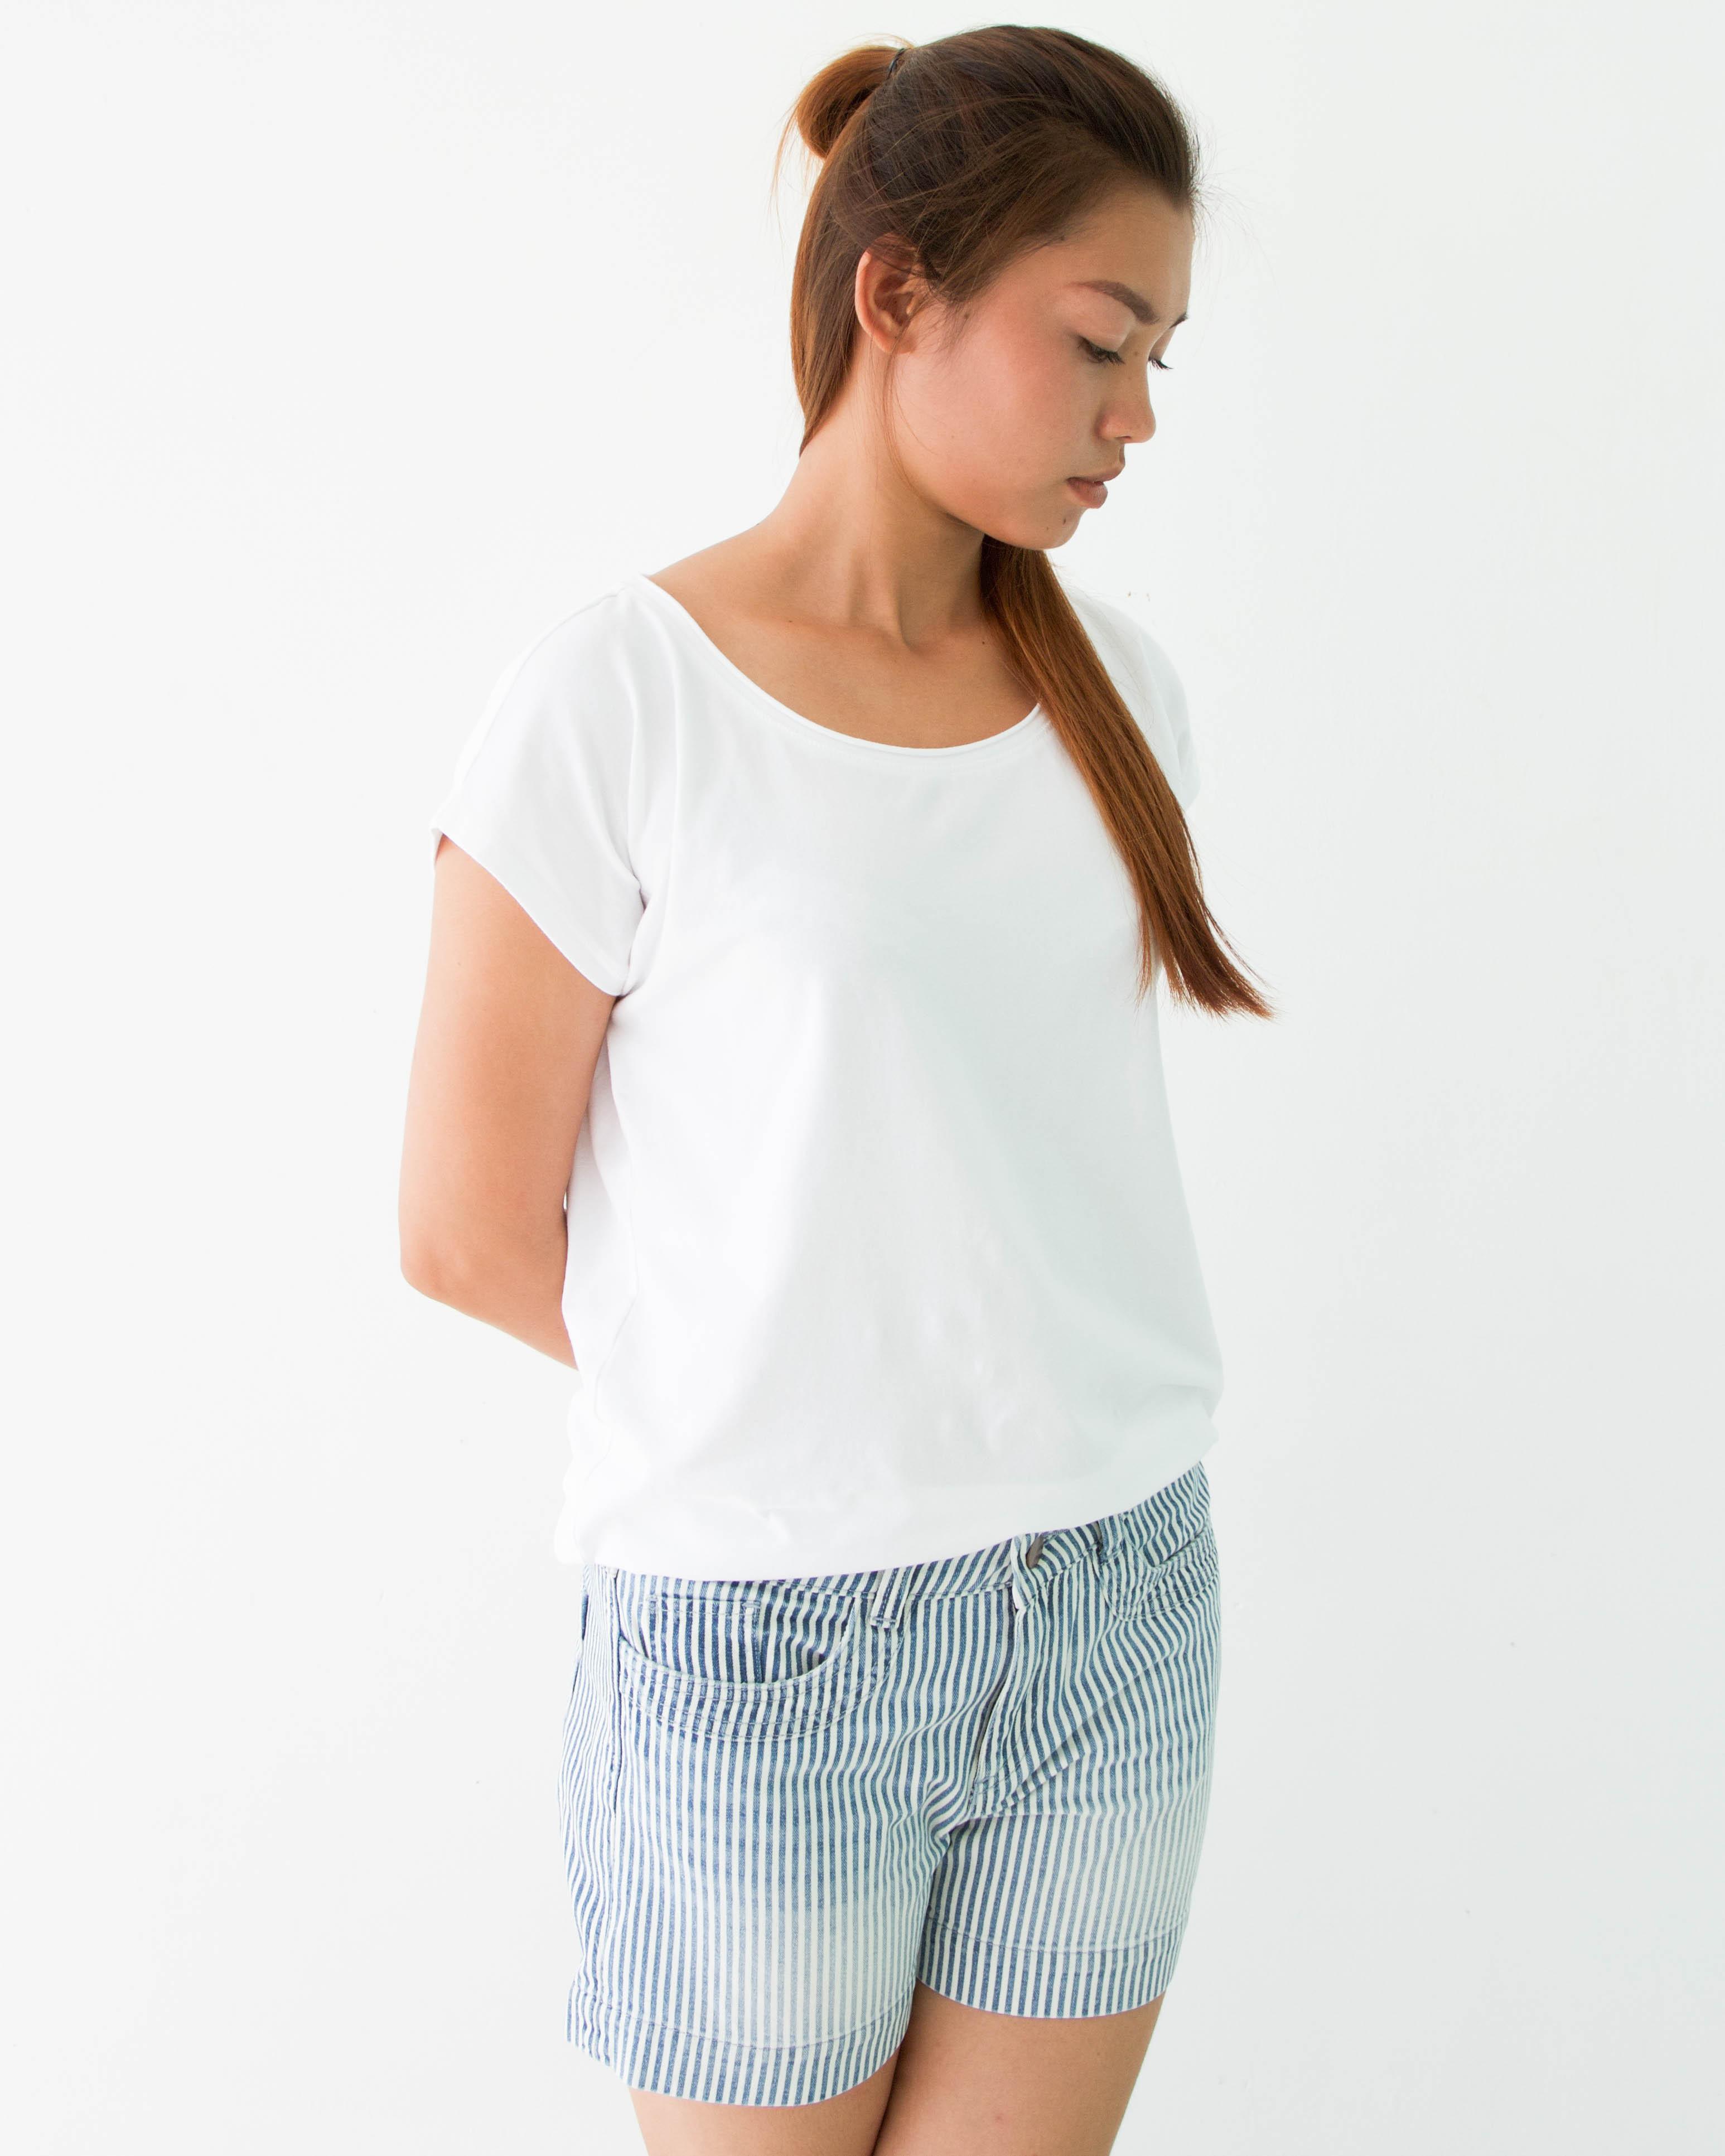 デニムショートパンツ(ヒッコリー) Denim Shorts (hickory)